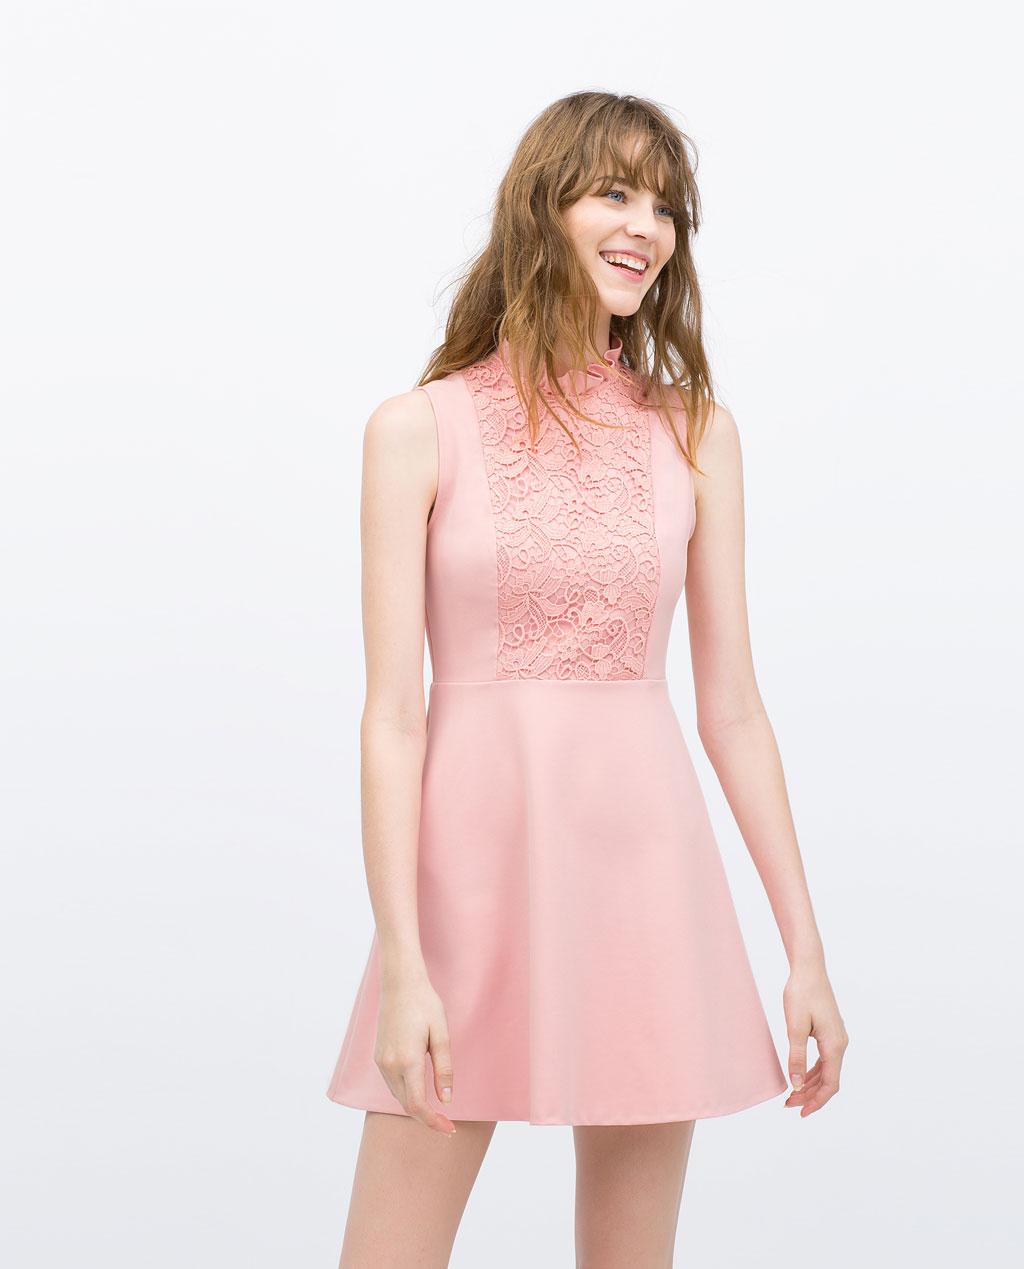 Tendencia en mini-vestidos de temporada | Coleccion 2015 de vestidos ...